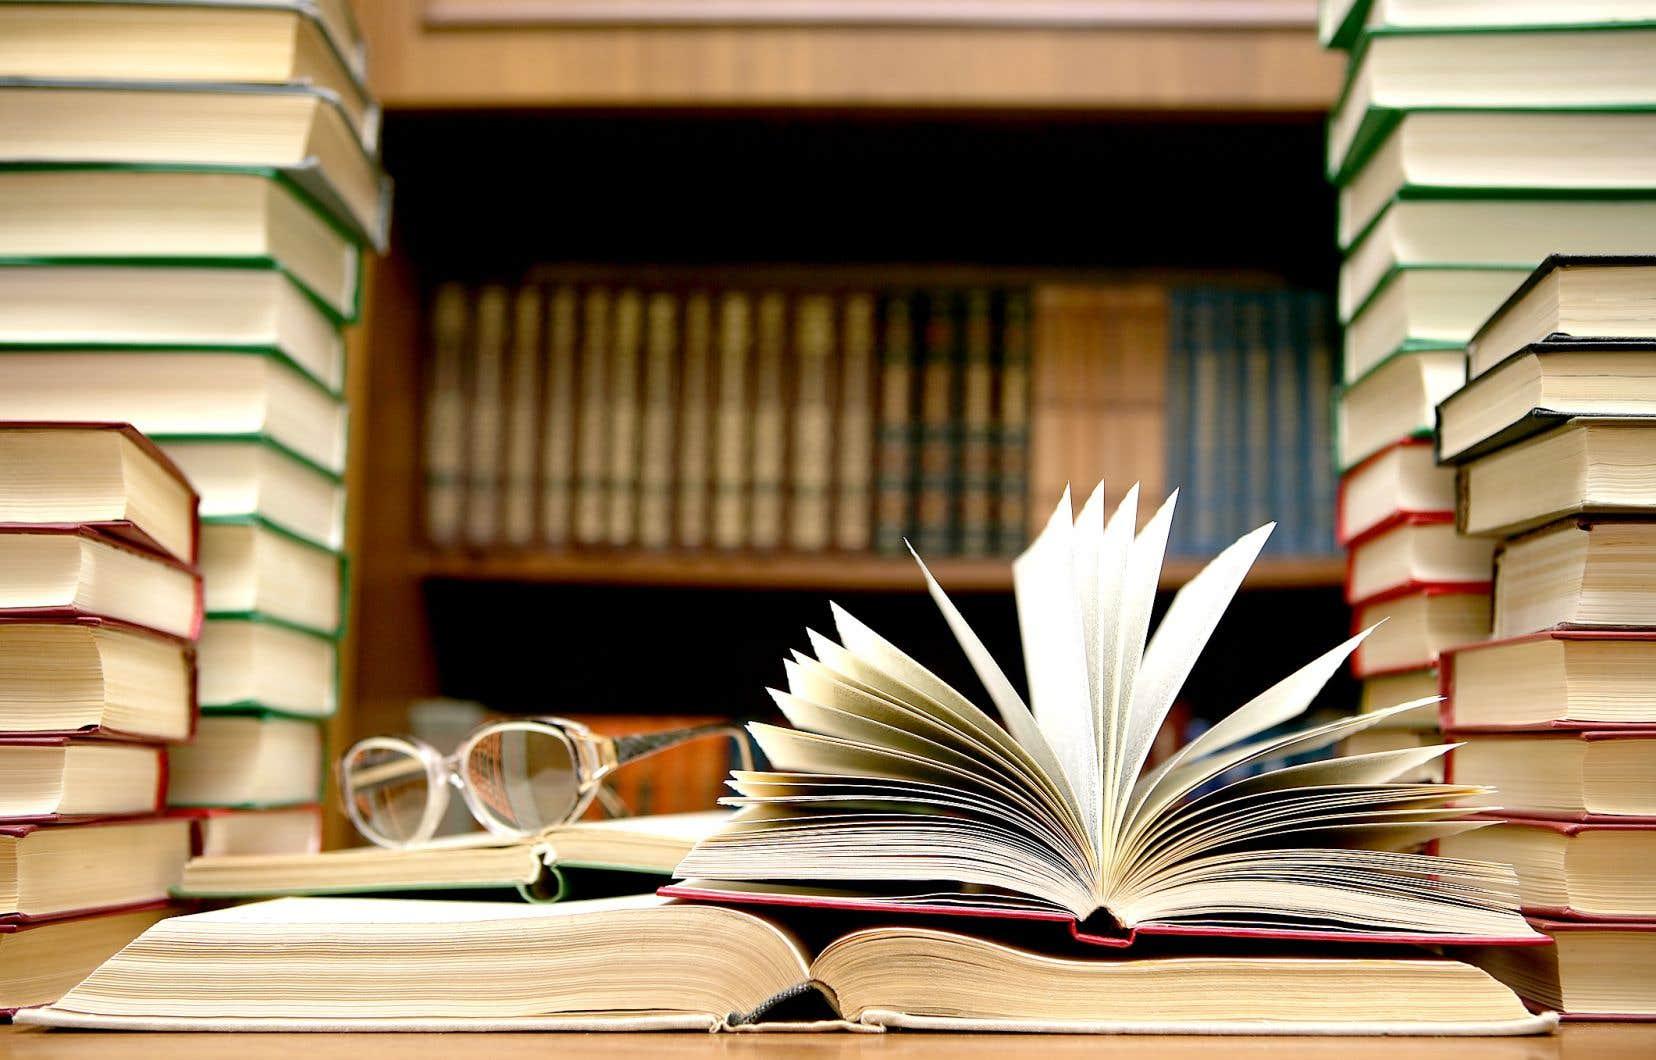 Pour décoloniser les bibliothèques, le plus urgent est de réviser le Répertoire des vedettes-matières, d'après tous les intervenants interrogés par «Le Devoir».